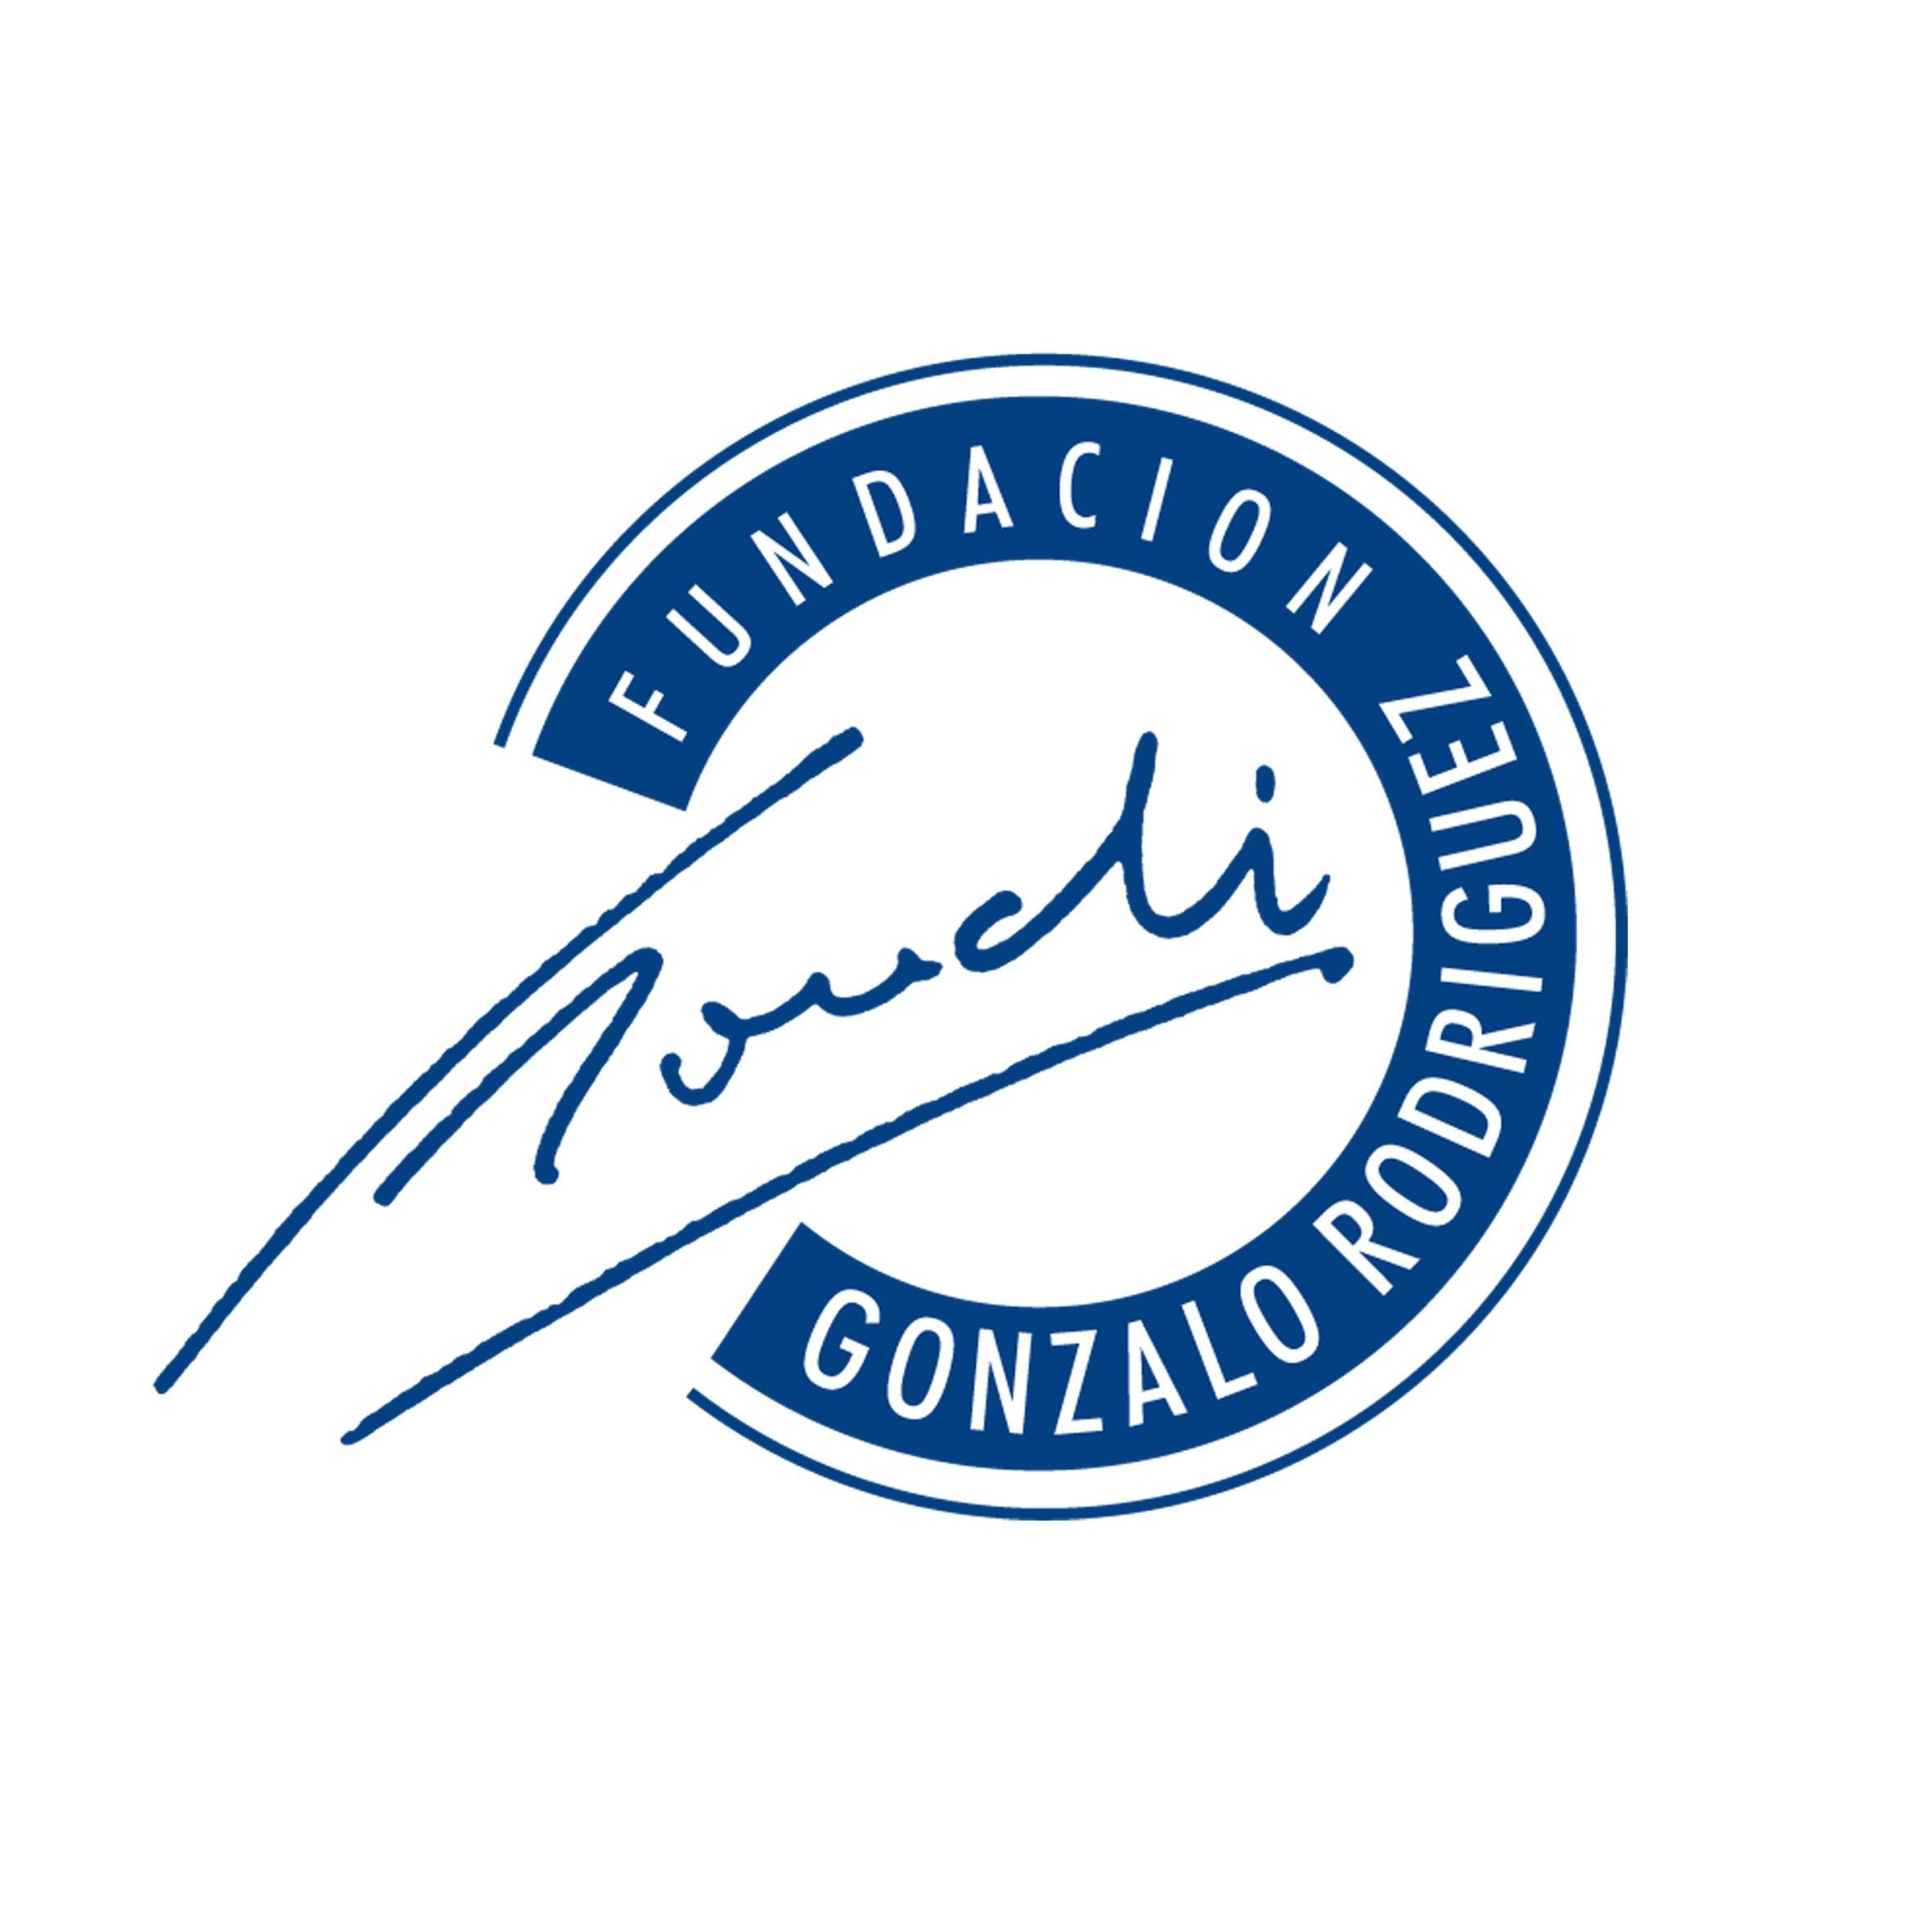 Fundacion Gonzalo Rodriguez.jpg